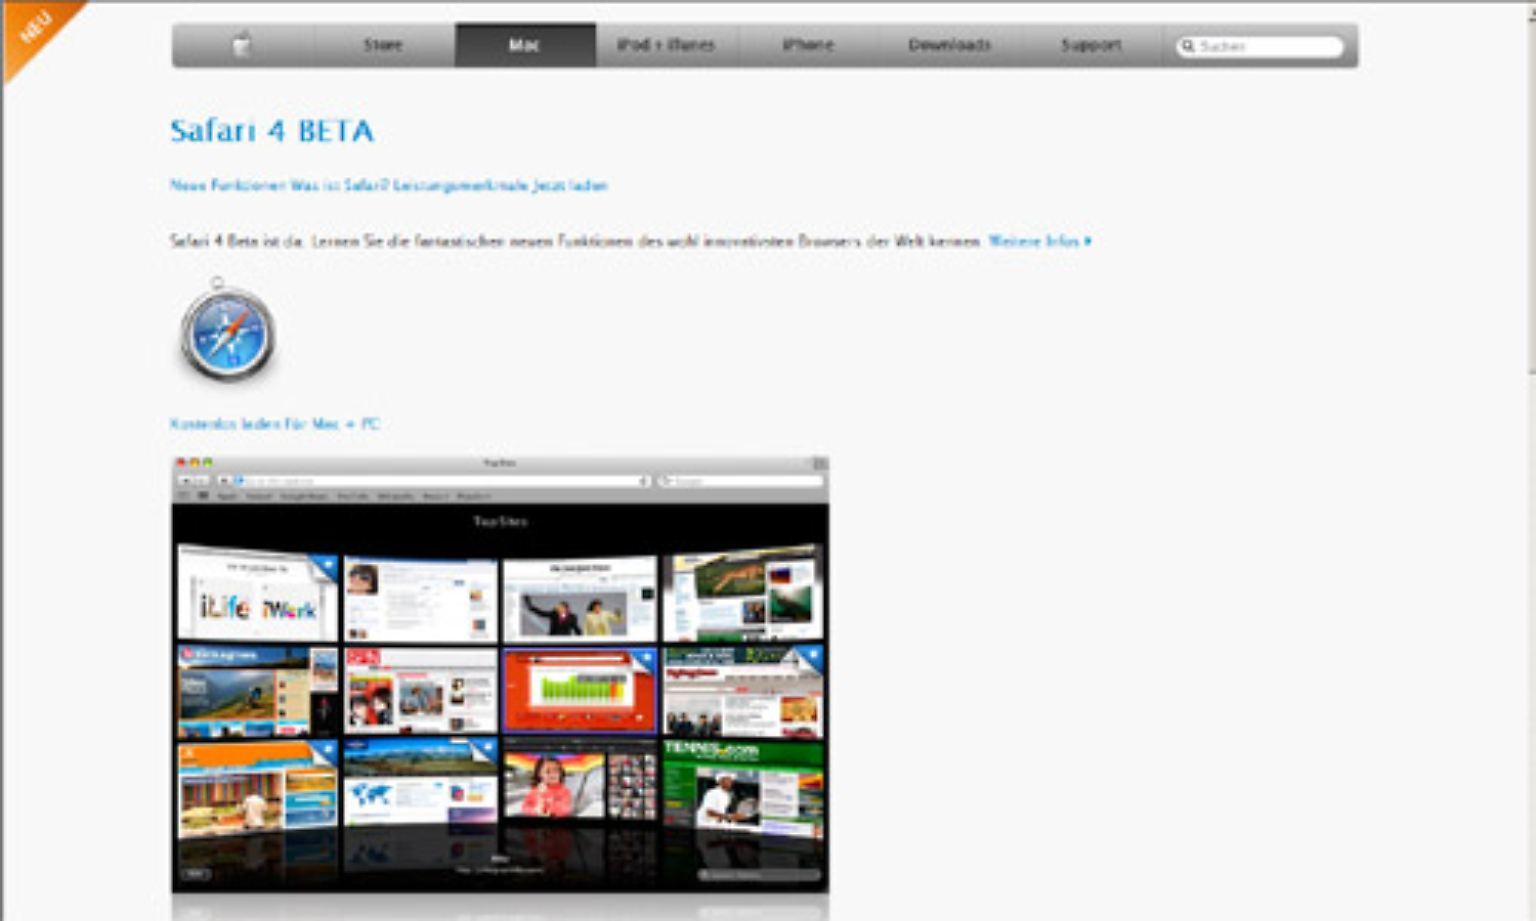 neuen safari browser herunterladen